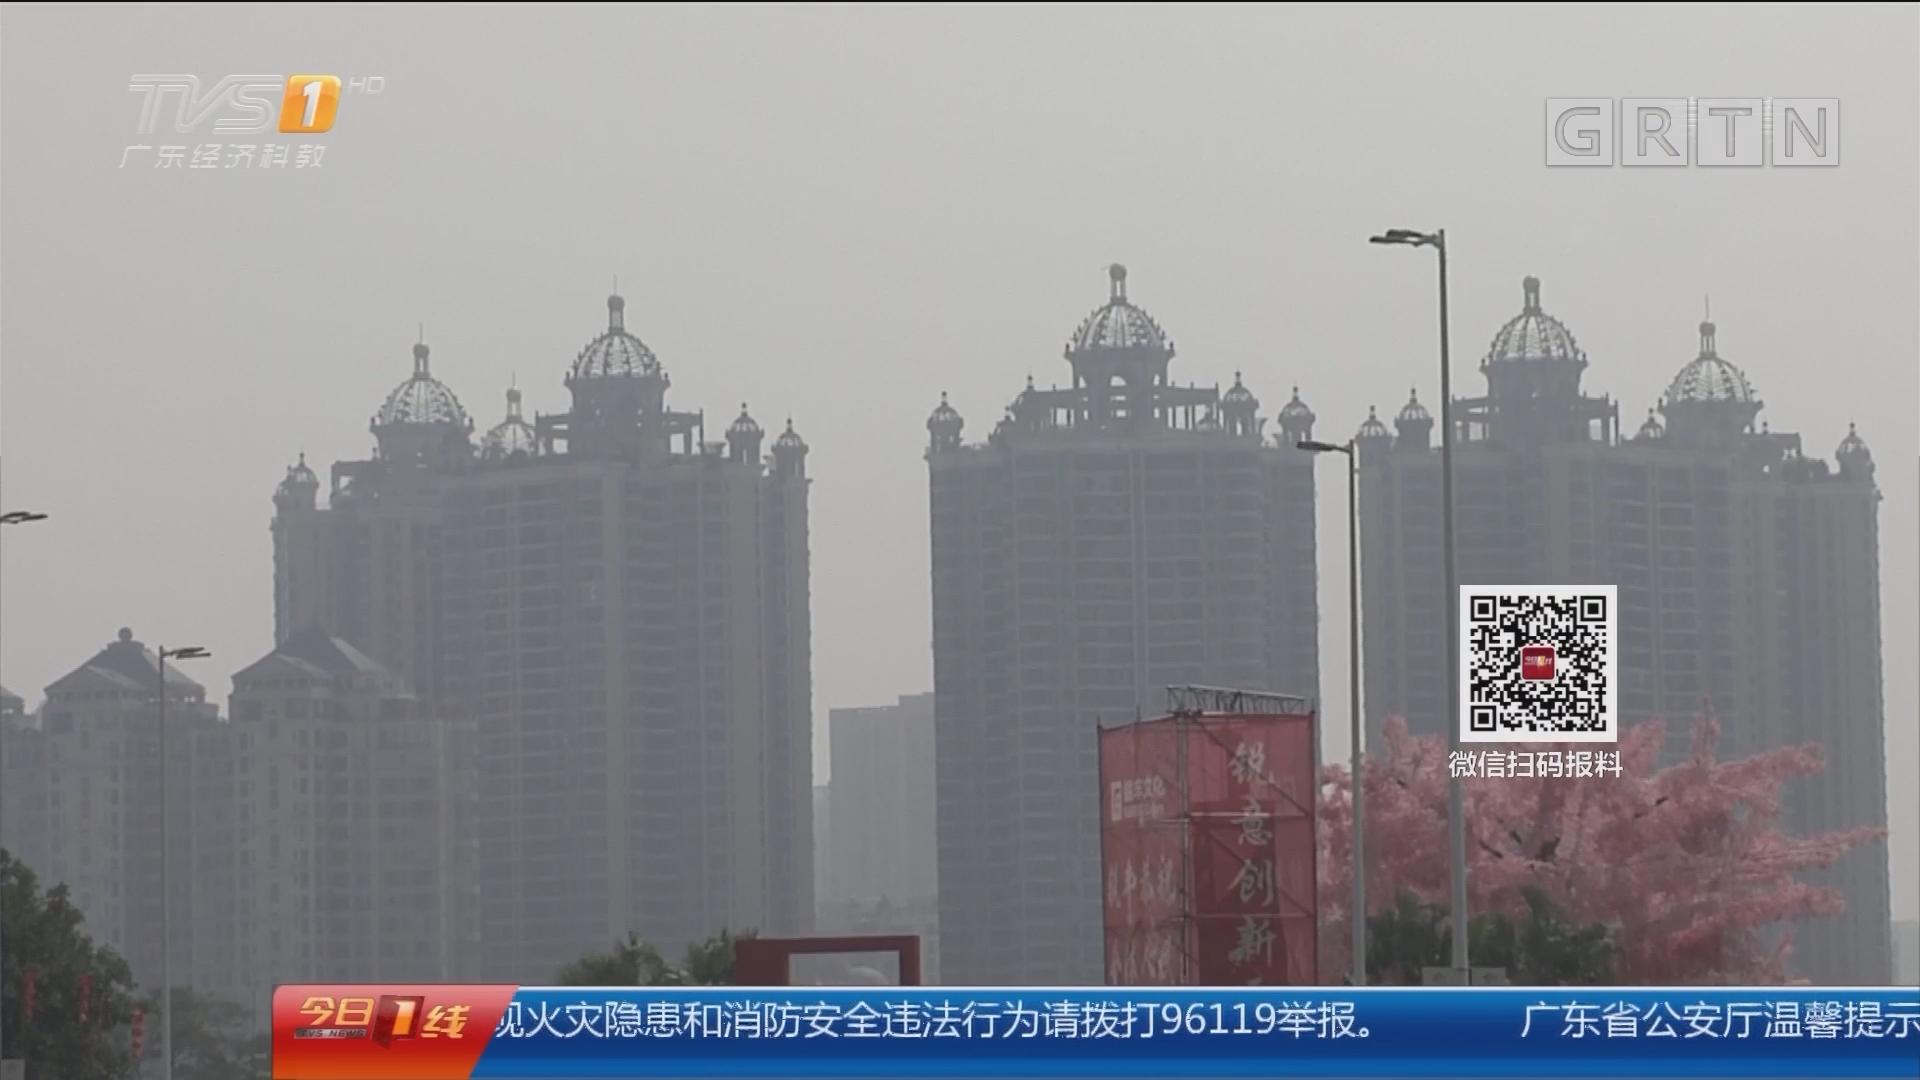 春节假期天气:广州今天雾霾严重 能见度低